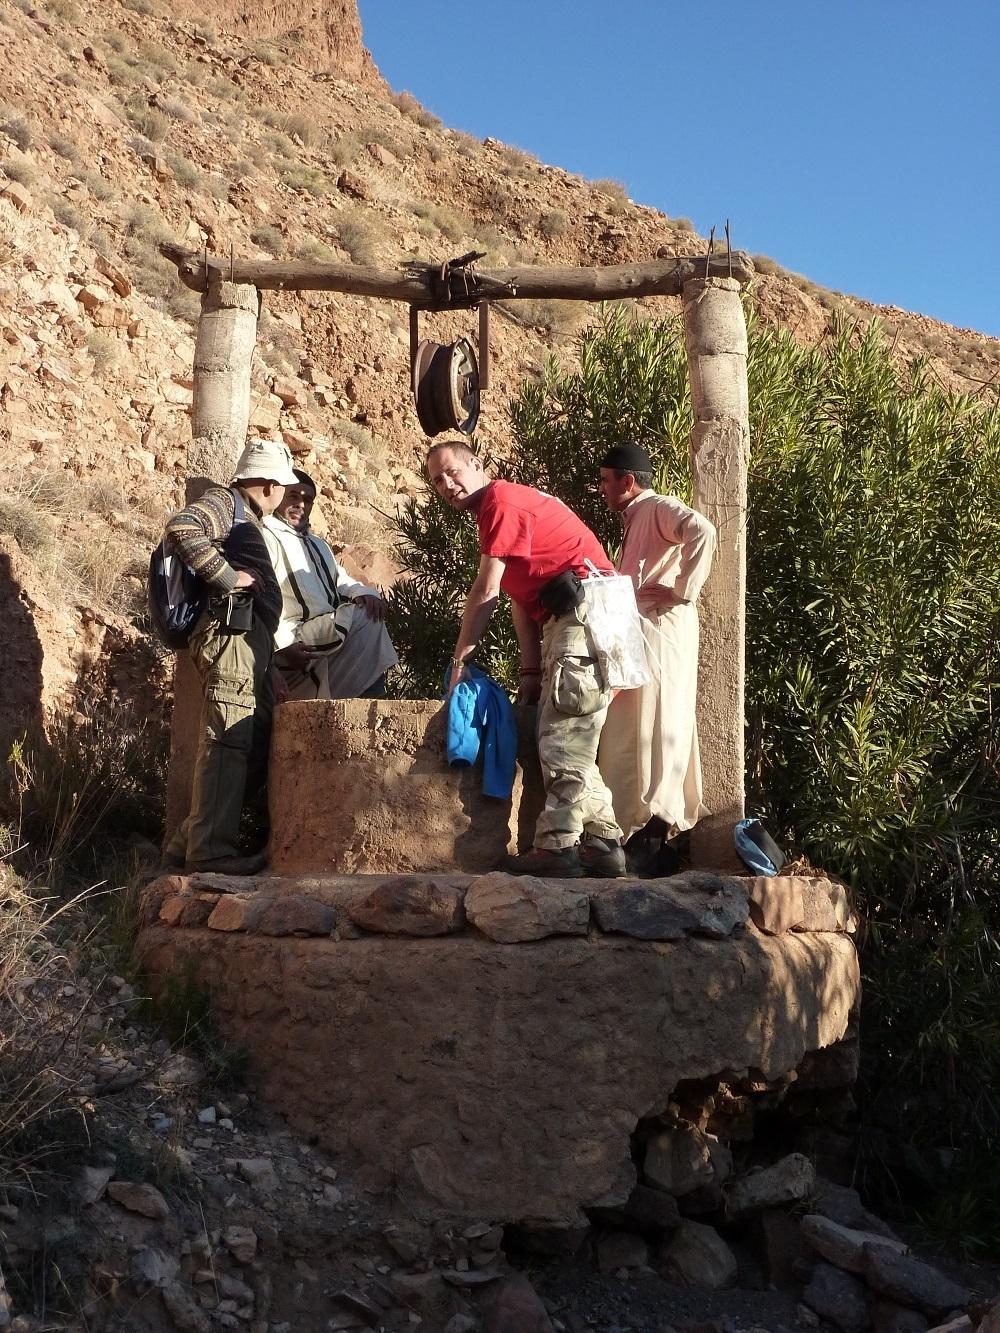 puits asséché accompagné par les villageois marocains et de l'expert sourcier français Philippe Wojtowicz